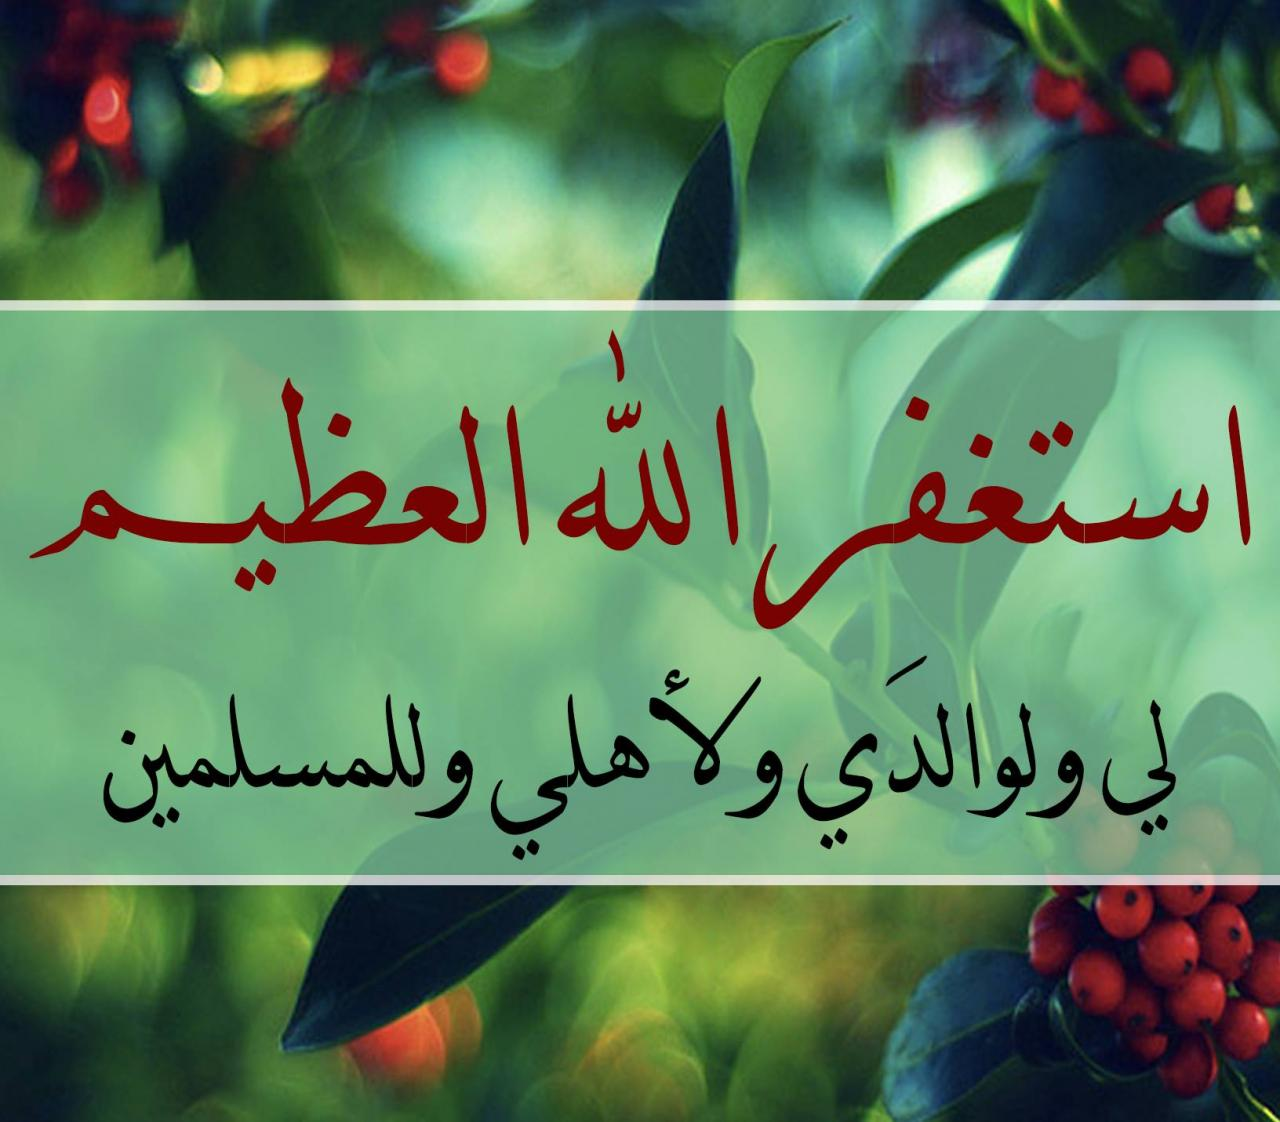 صورة صور دينيه حلوه , شاهد اروع الصرو الدنية التي احبوها الكثير من الناس